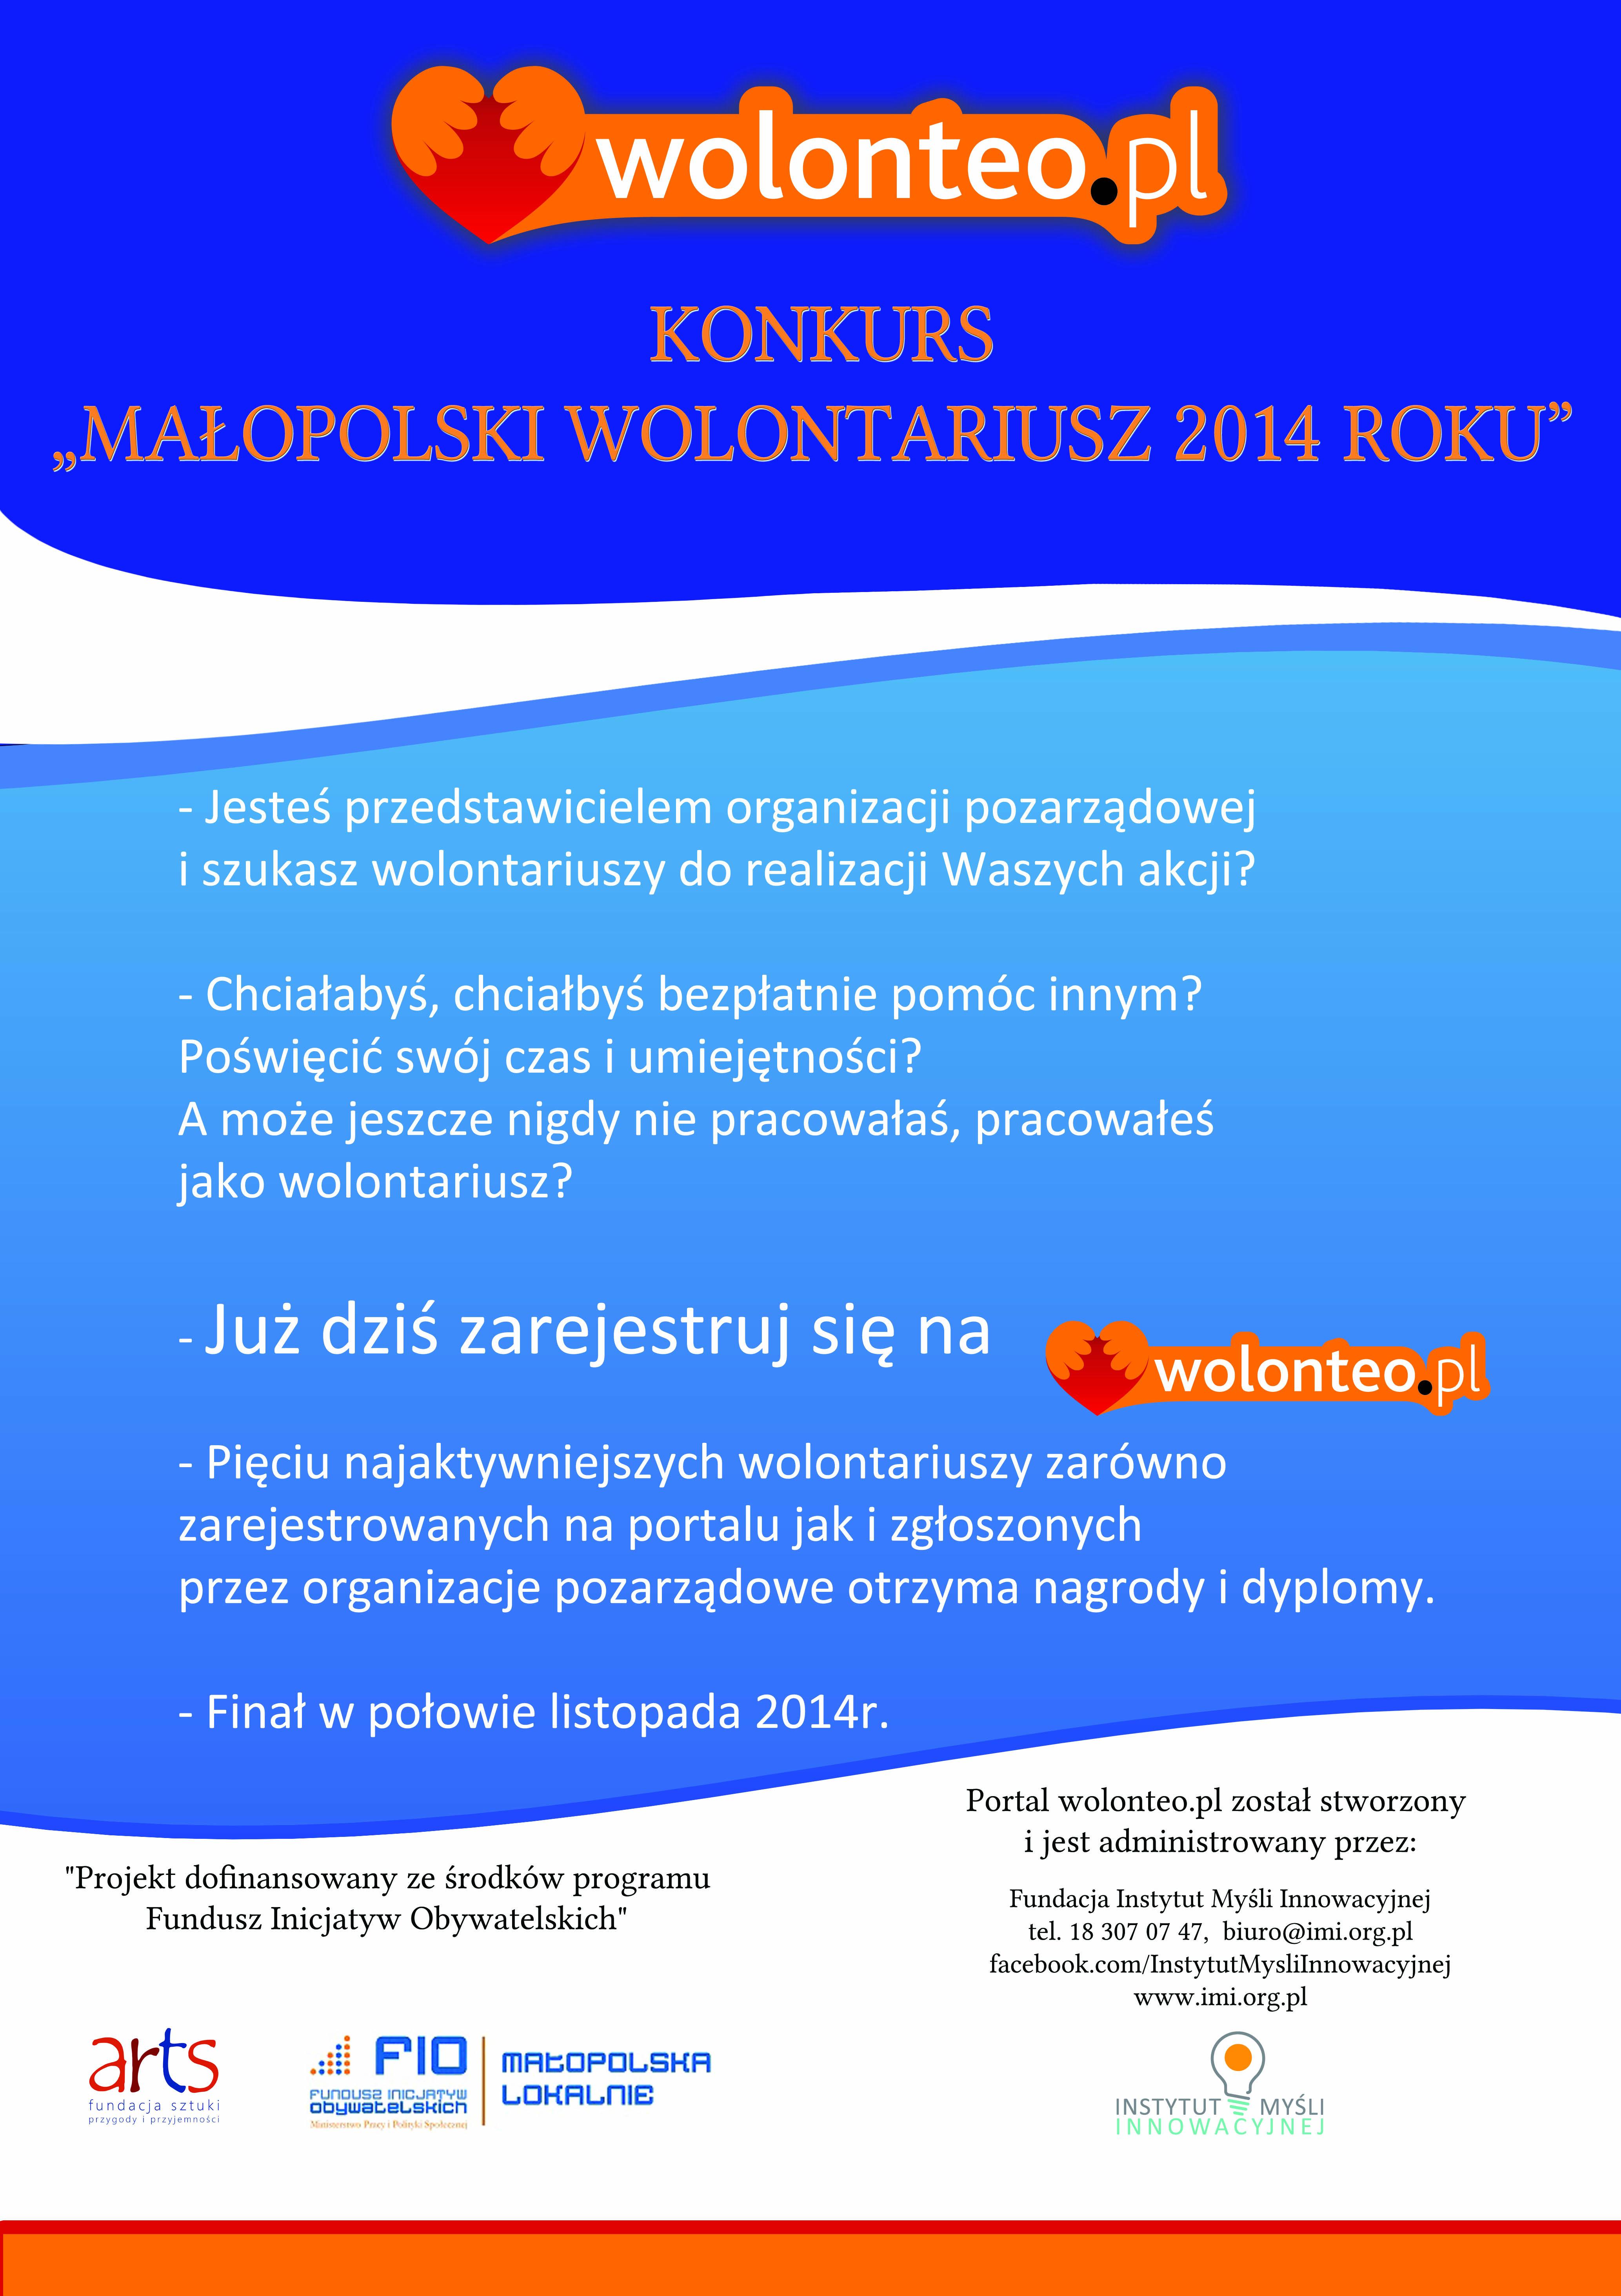 Konkurs 22 Małopolski wolontariusz 2014 roku